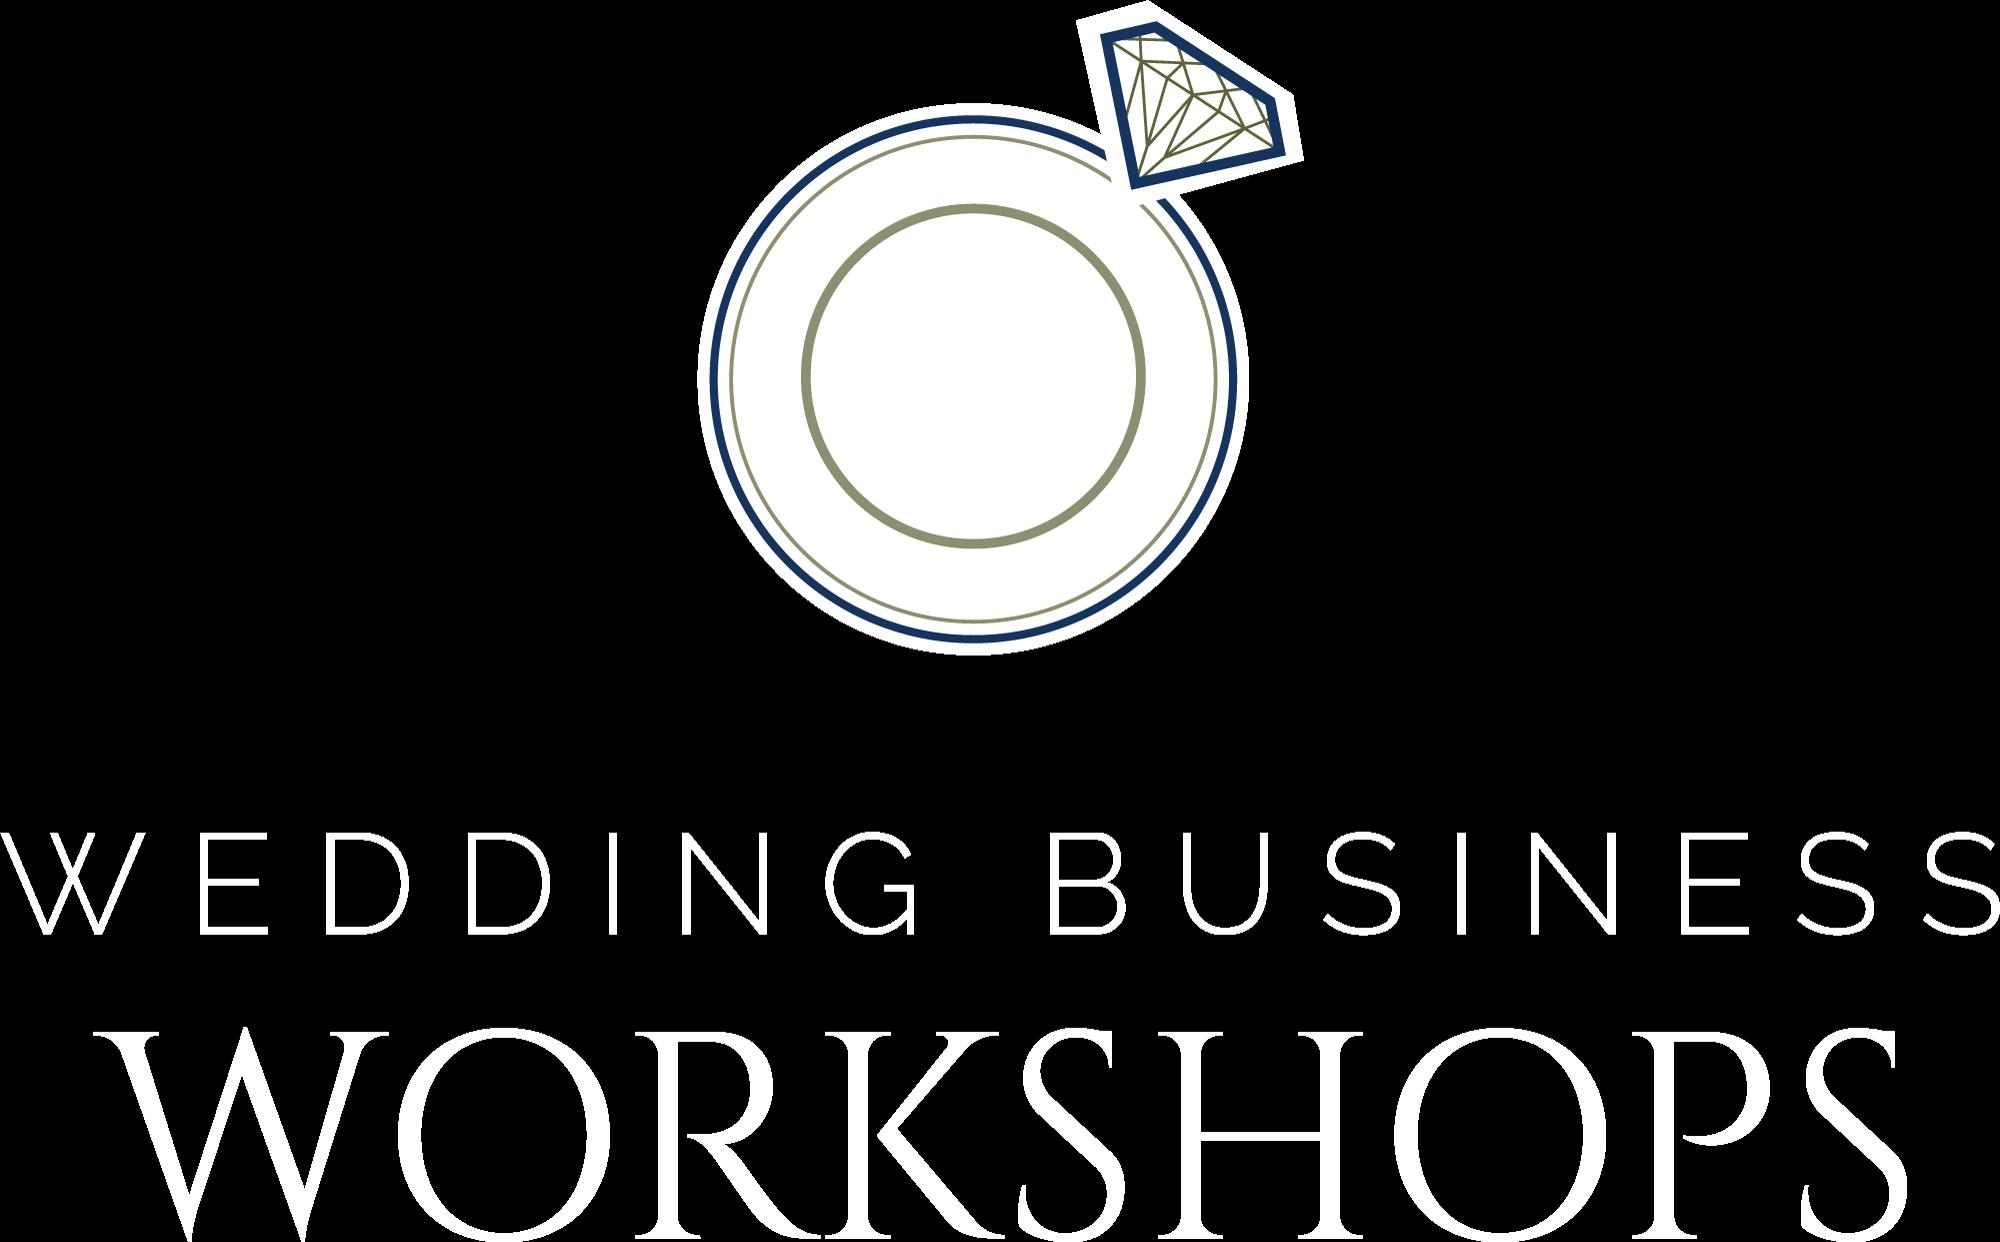 Wedding Business Workshops